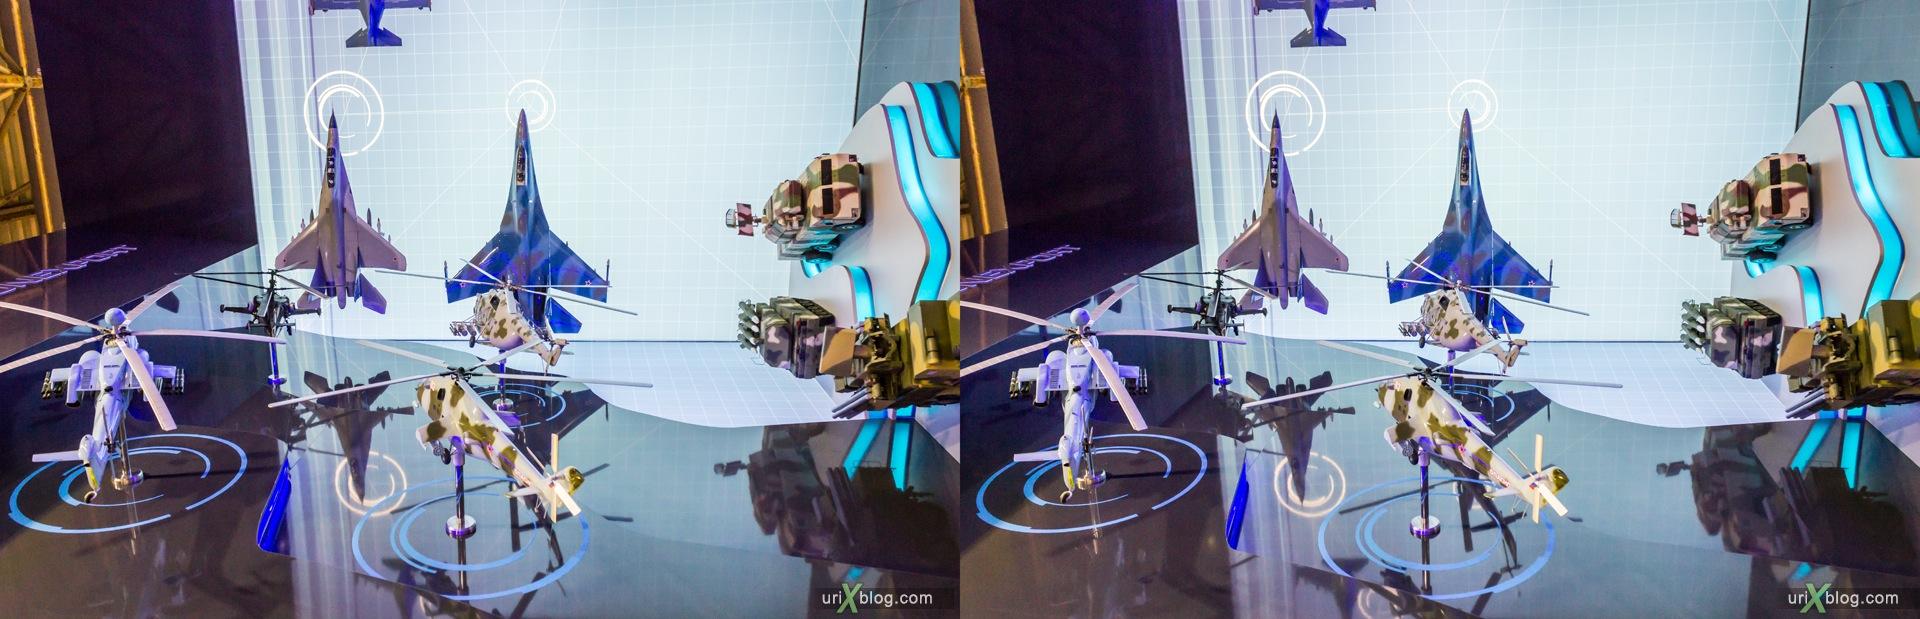 2013, Россия, Раменское, Жуковский, аэродром, павильон, экспозиция, МАКС, Международный Авиационно-космический Салон, 3D, перекрёстная стереопара, стерео, стереопара